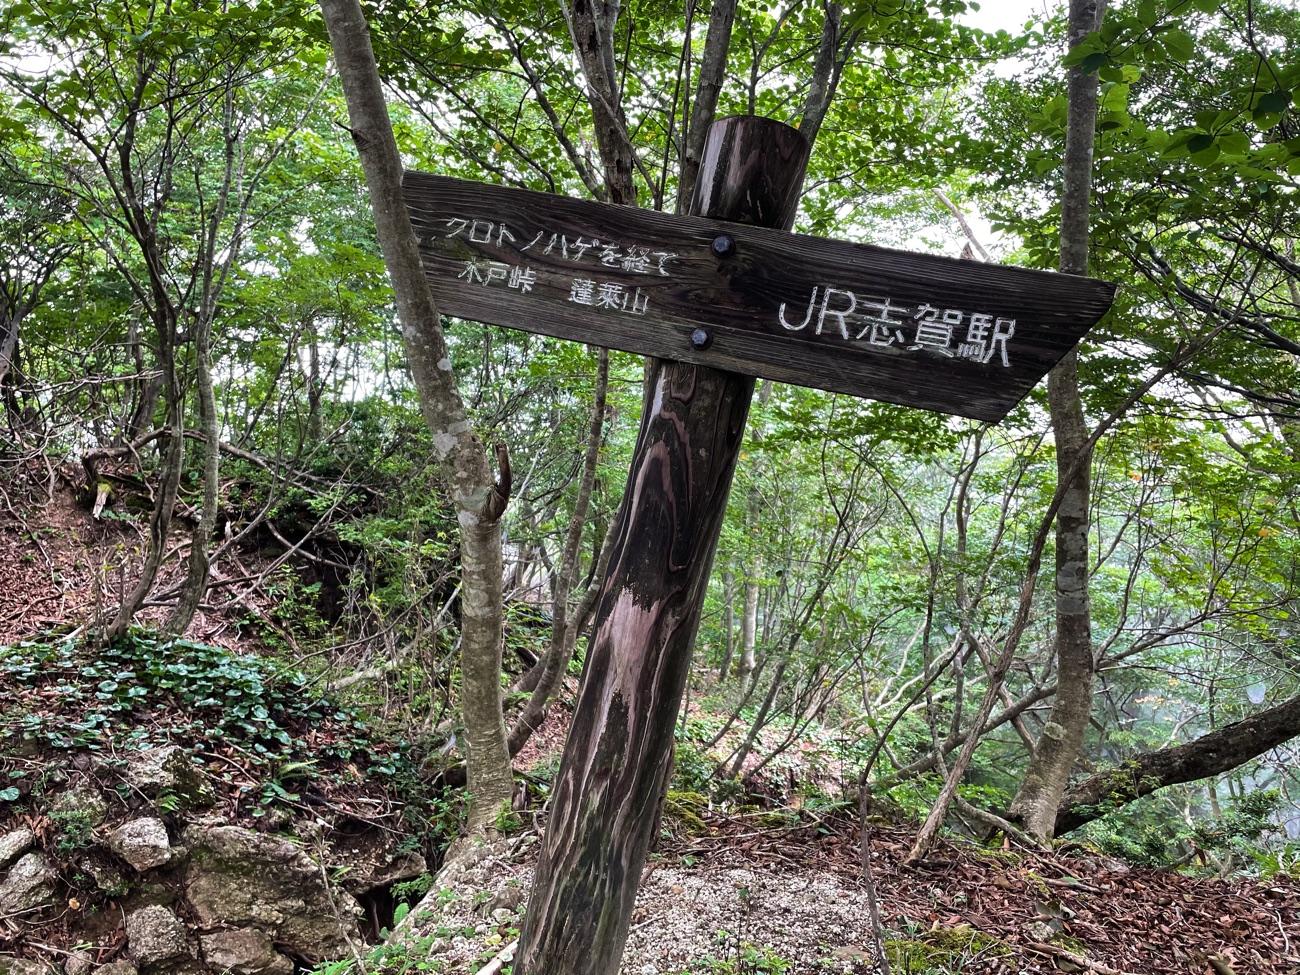 「蓬莱山」の文字がある道標